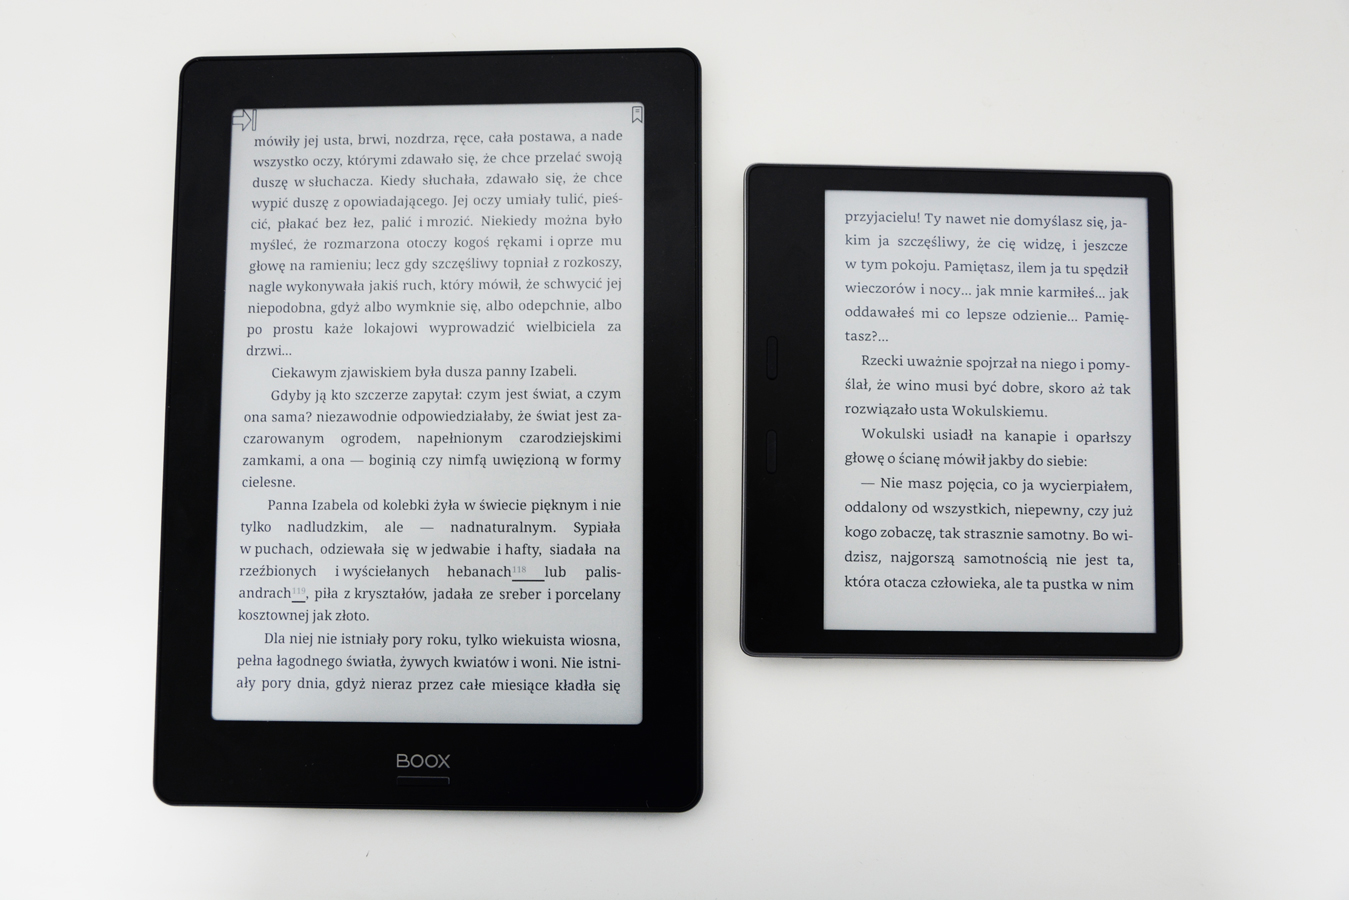 Onyx Boox Note S Kindle Oasis 2 tekst porównanie ekranów ostrość kontrast tekstu.